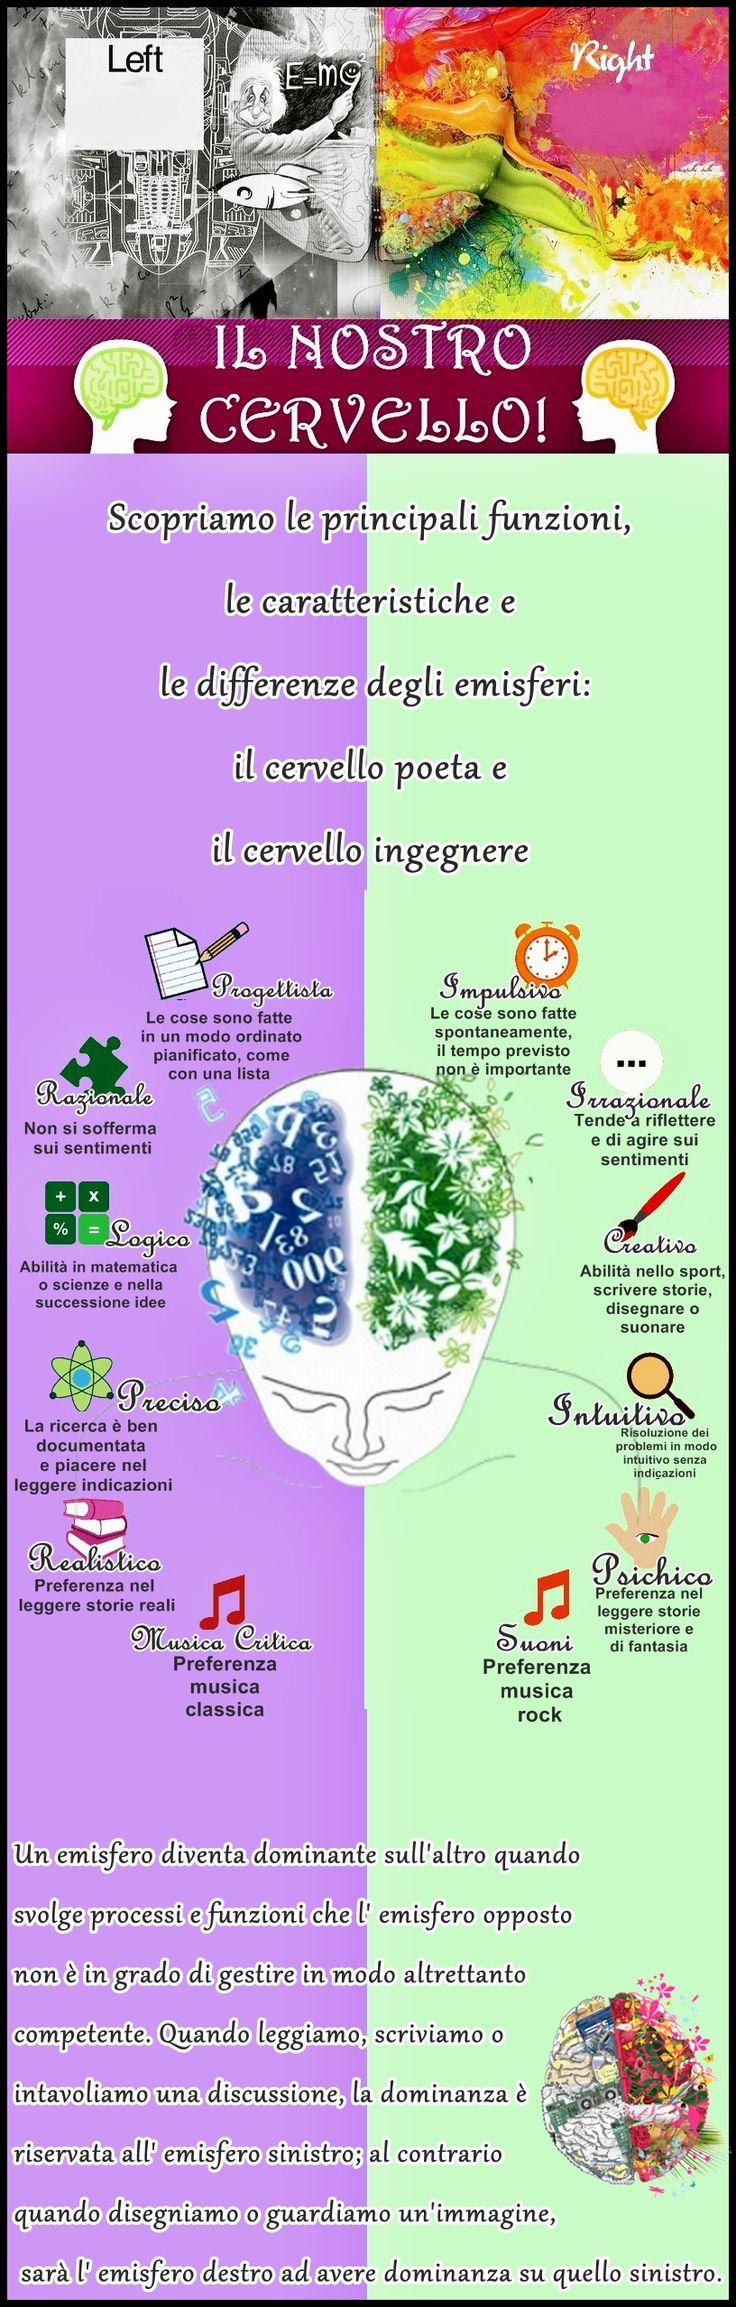 Le funzioni del cervello...sinistra vs destra ! #Infografica